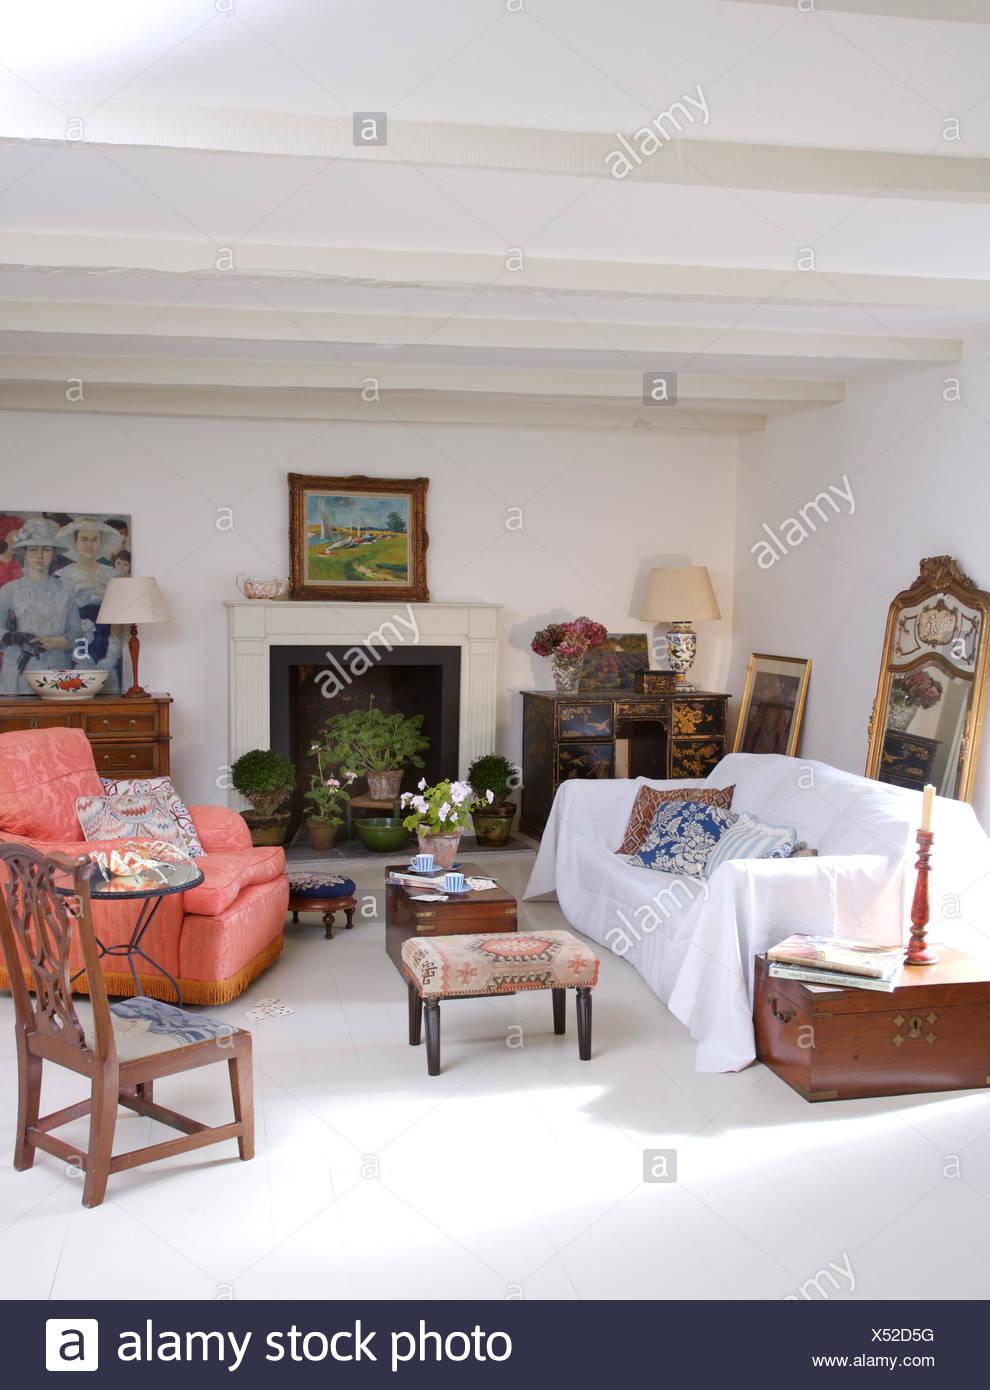 Bemerkenswert Sofa Wohnzimmer Ideen Von Weiß Auf Im Weiße Französische Land Mit